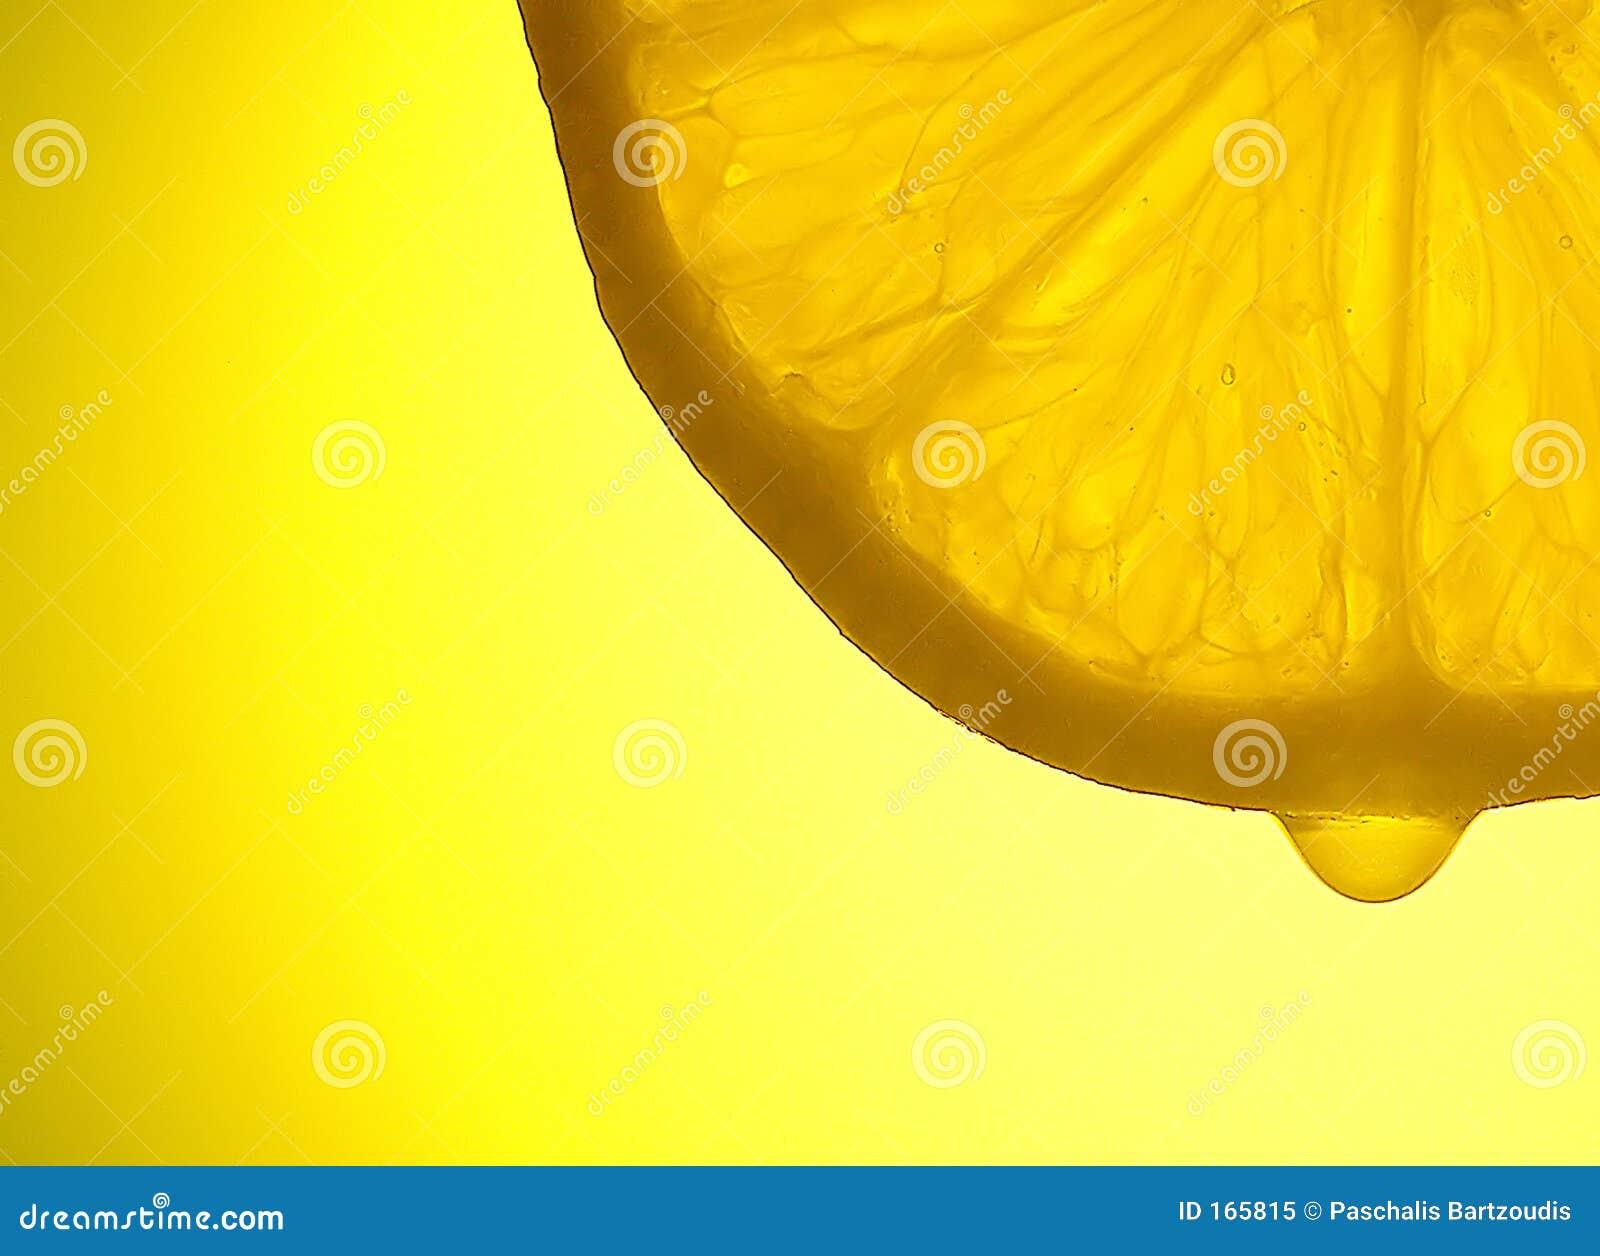 解剖学柠檬